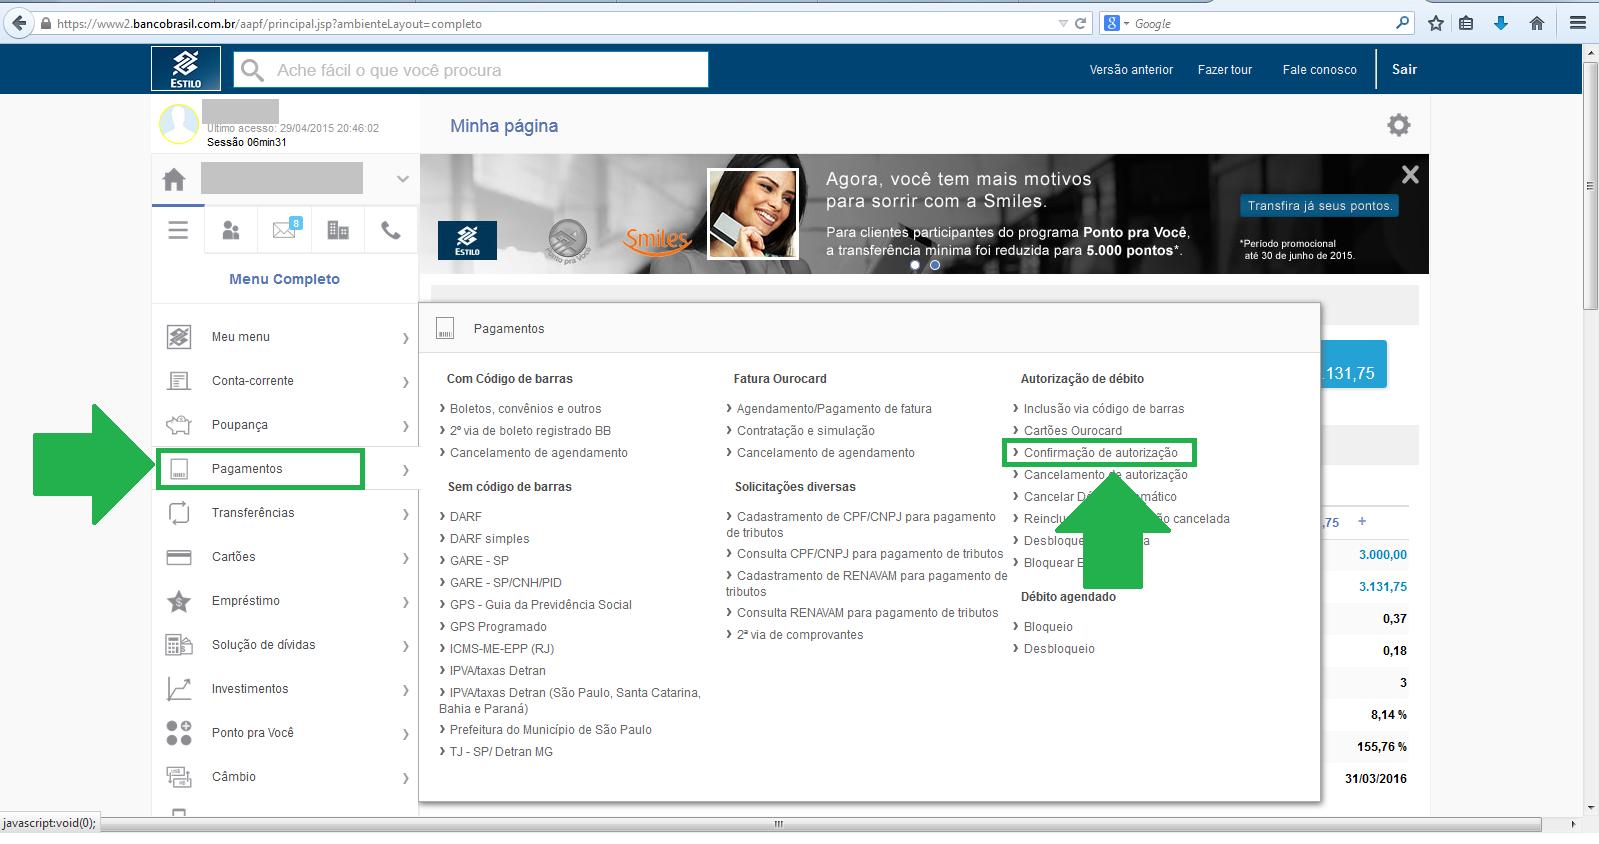 Como desbloquear débito do seguro - Banco Do Brasil 1